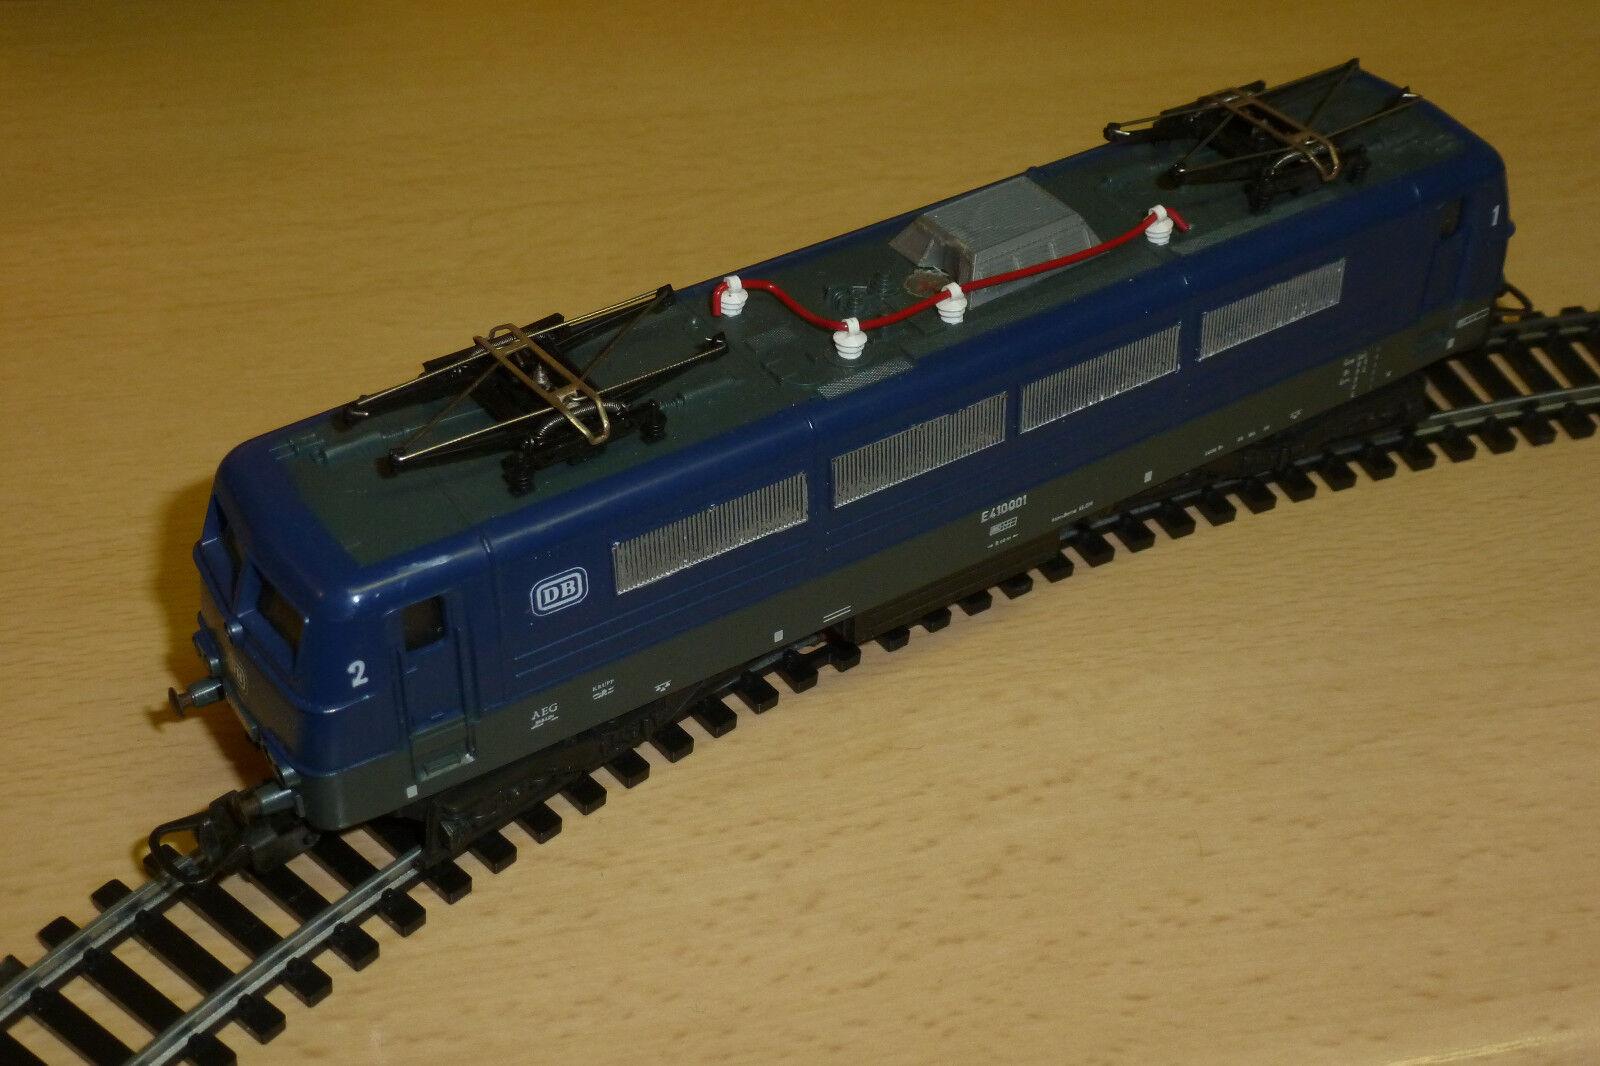 LIMA serie siano e410 001 in condizioni molto buone, motore intatte e non di interruzioni